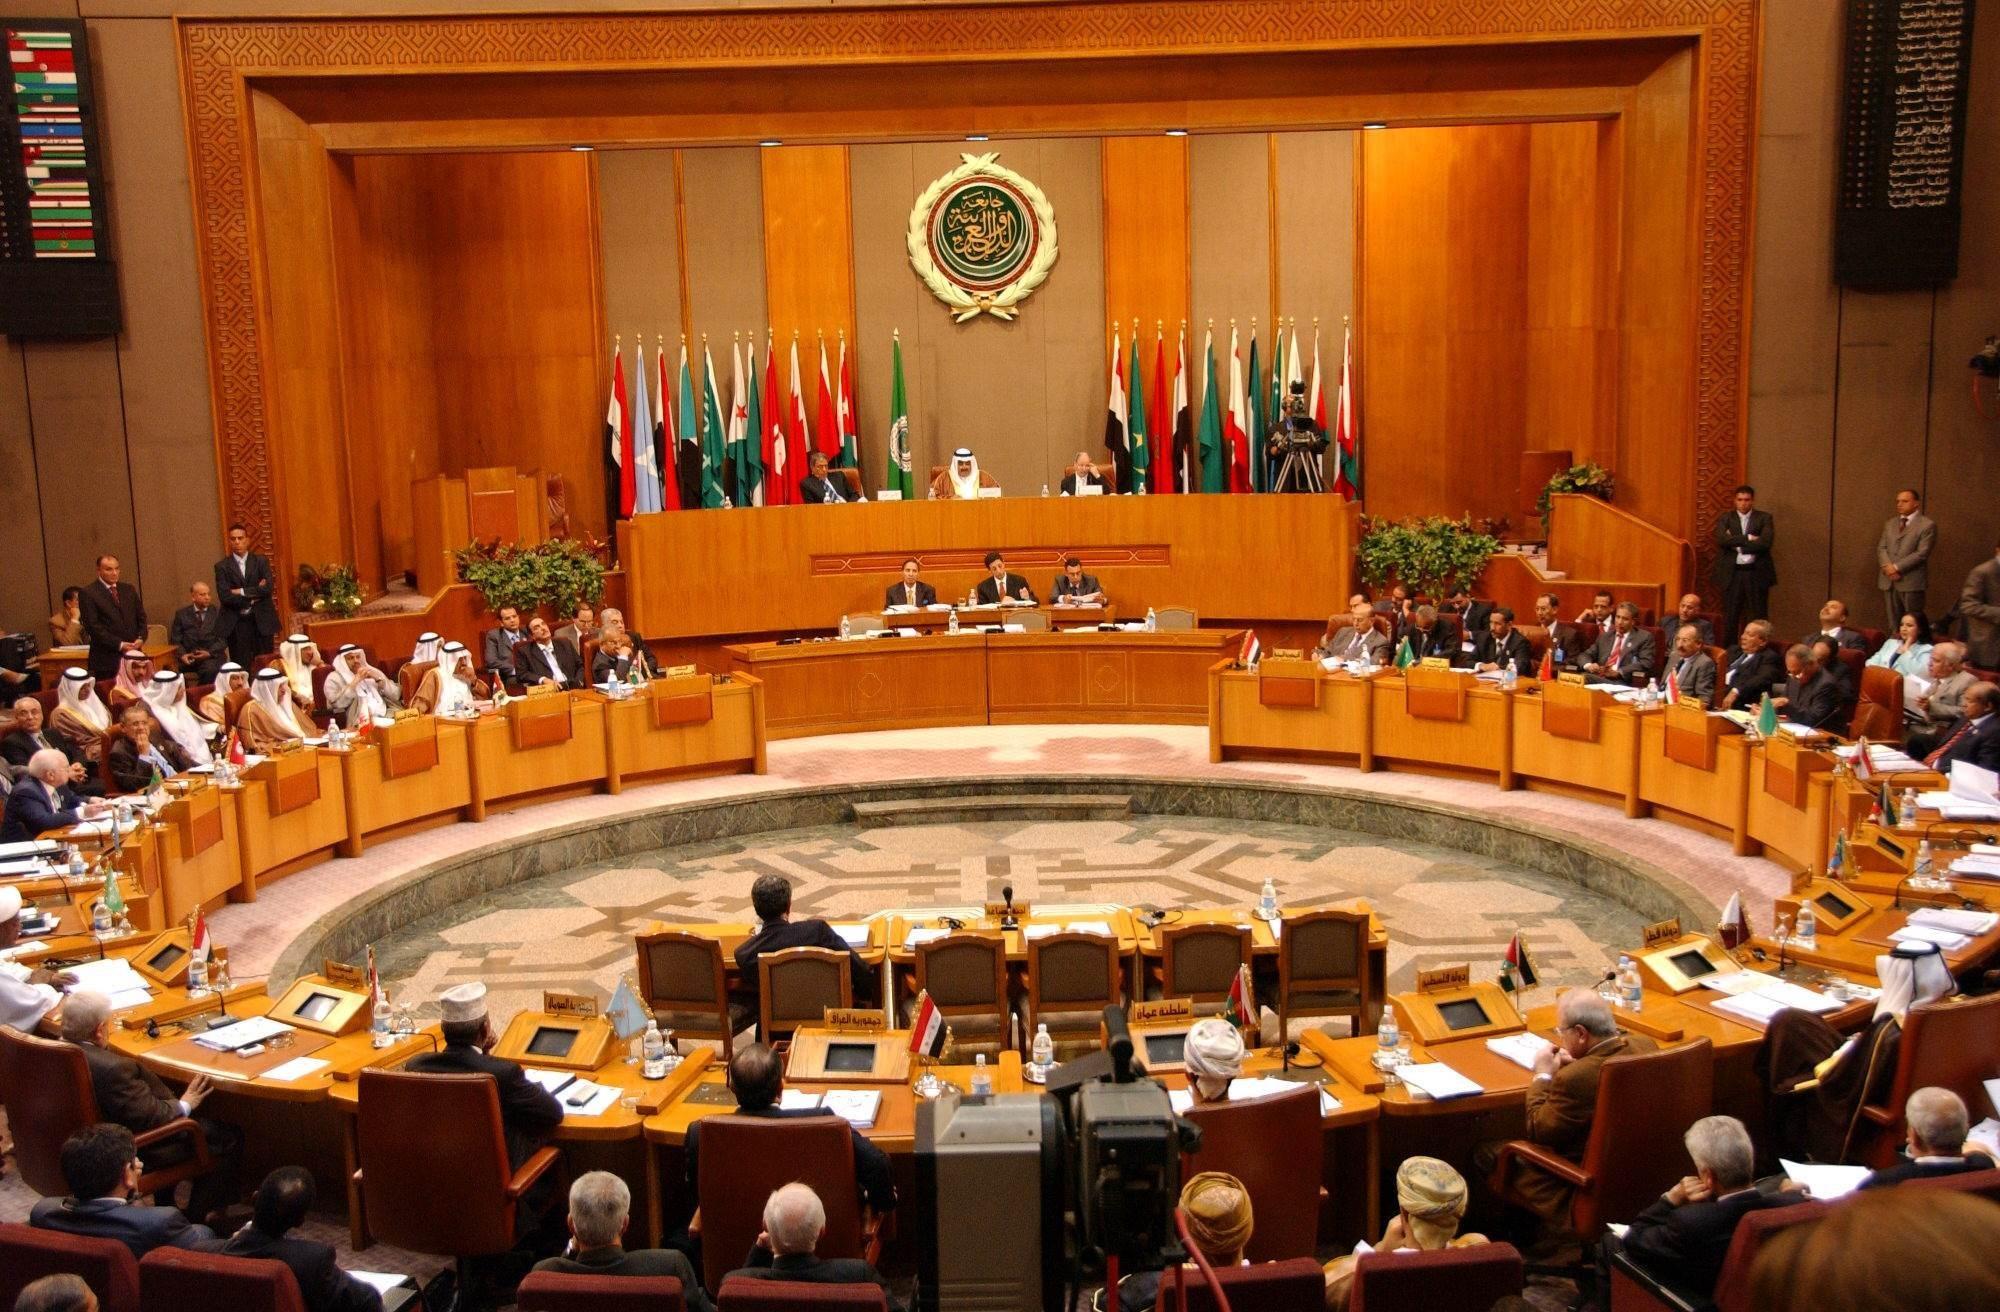 حماس: انسحاب فلسطين من ترؤس الجامعة العربية هي رسالة إلى كل المطبعيين